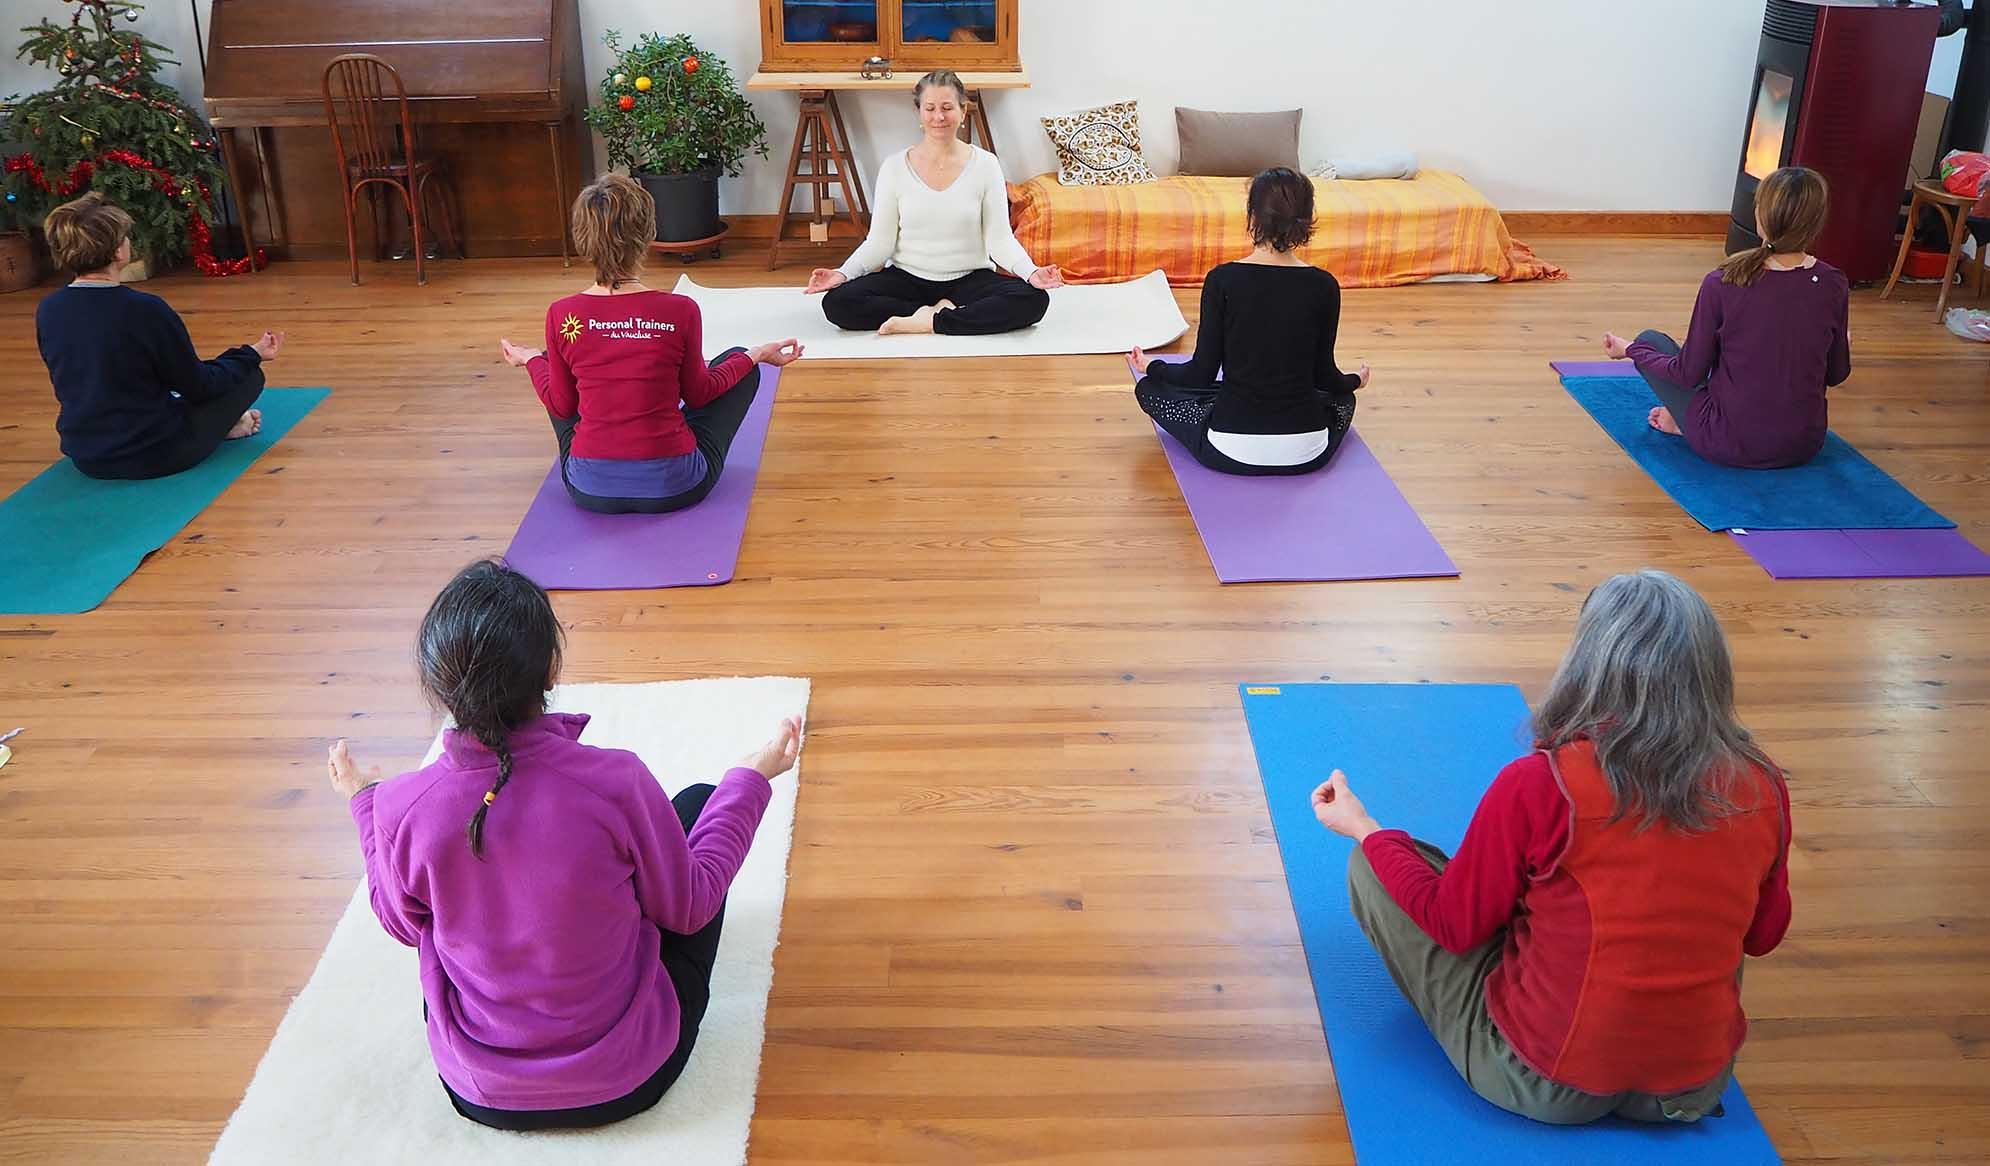 Retraite de yoga près du Ventoux dans le Vaucluse